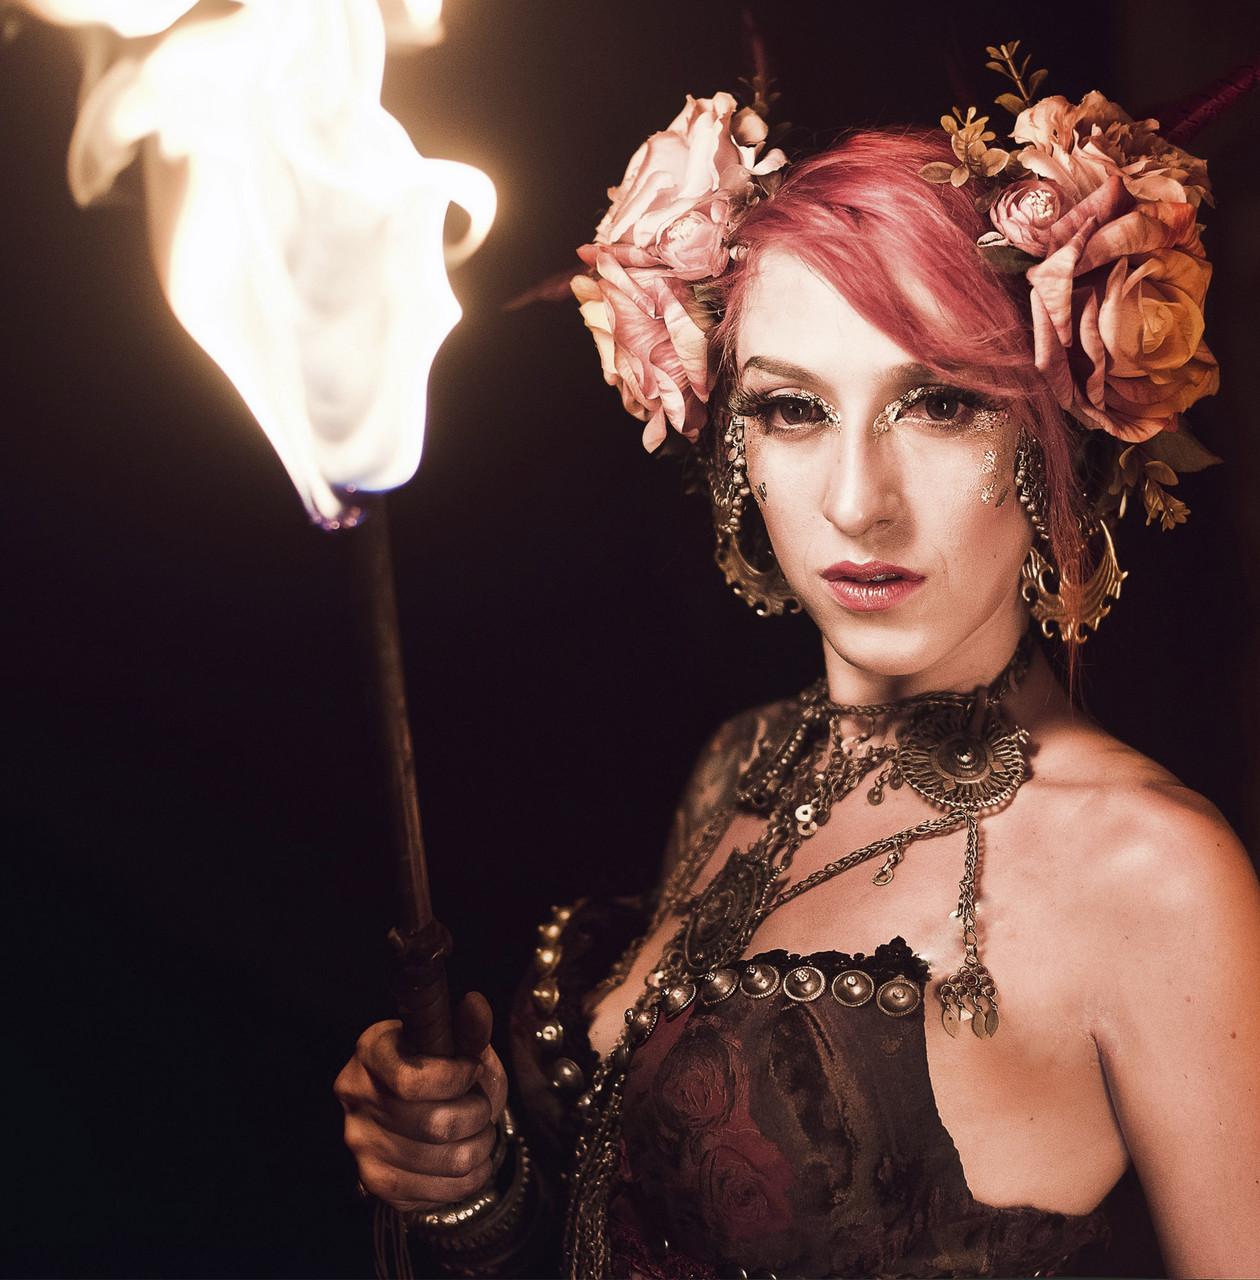 Огненное шоу Соло с факиром Tribal Fantasy. Предложение руки и сердца.